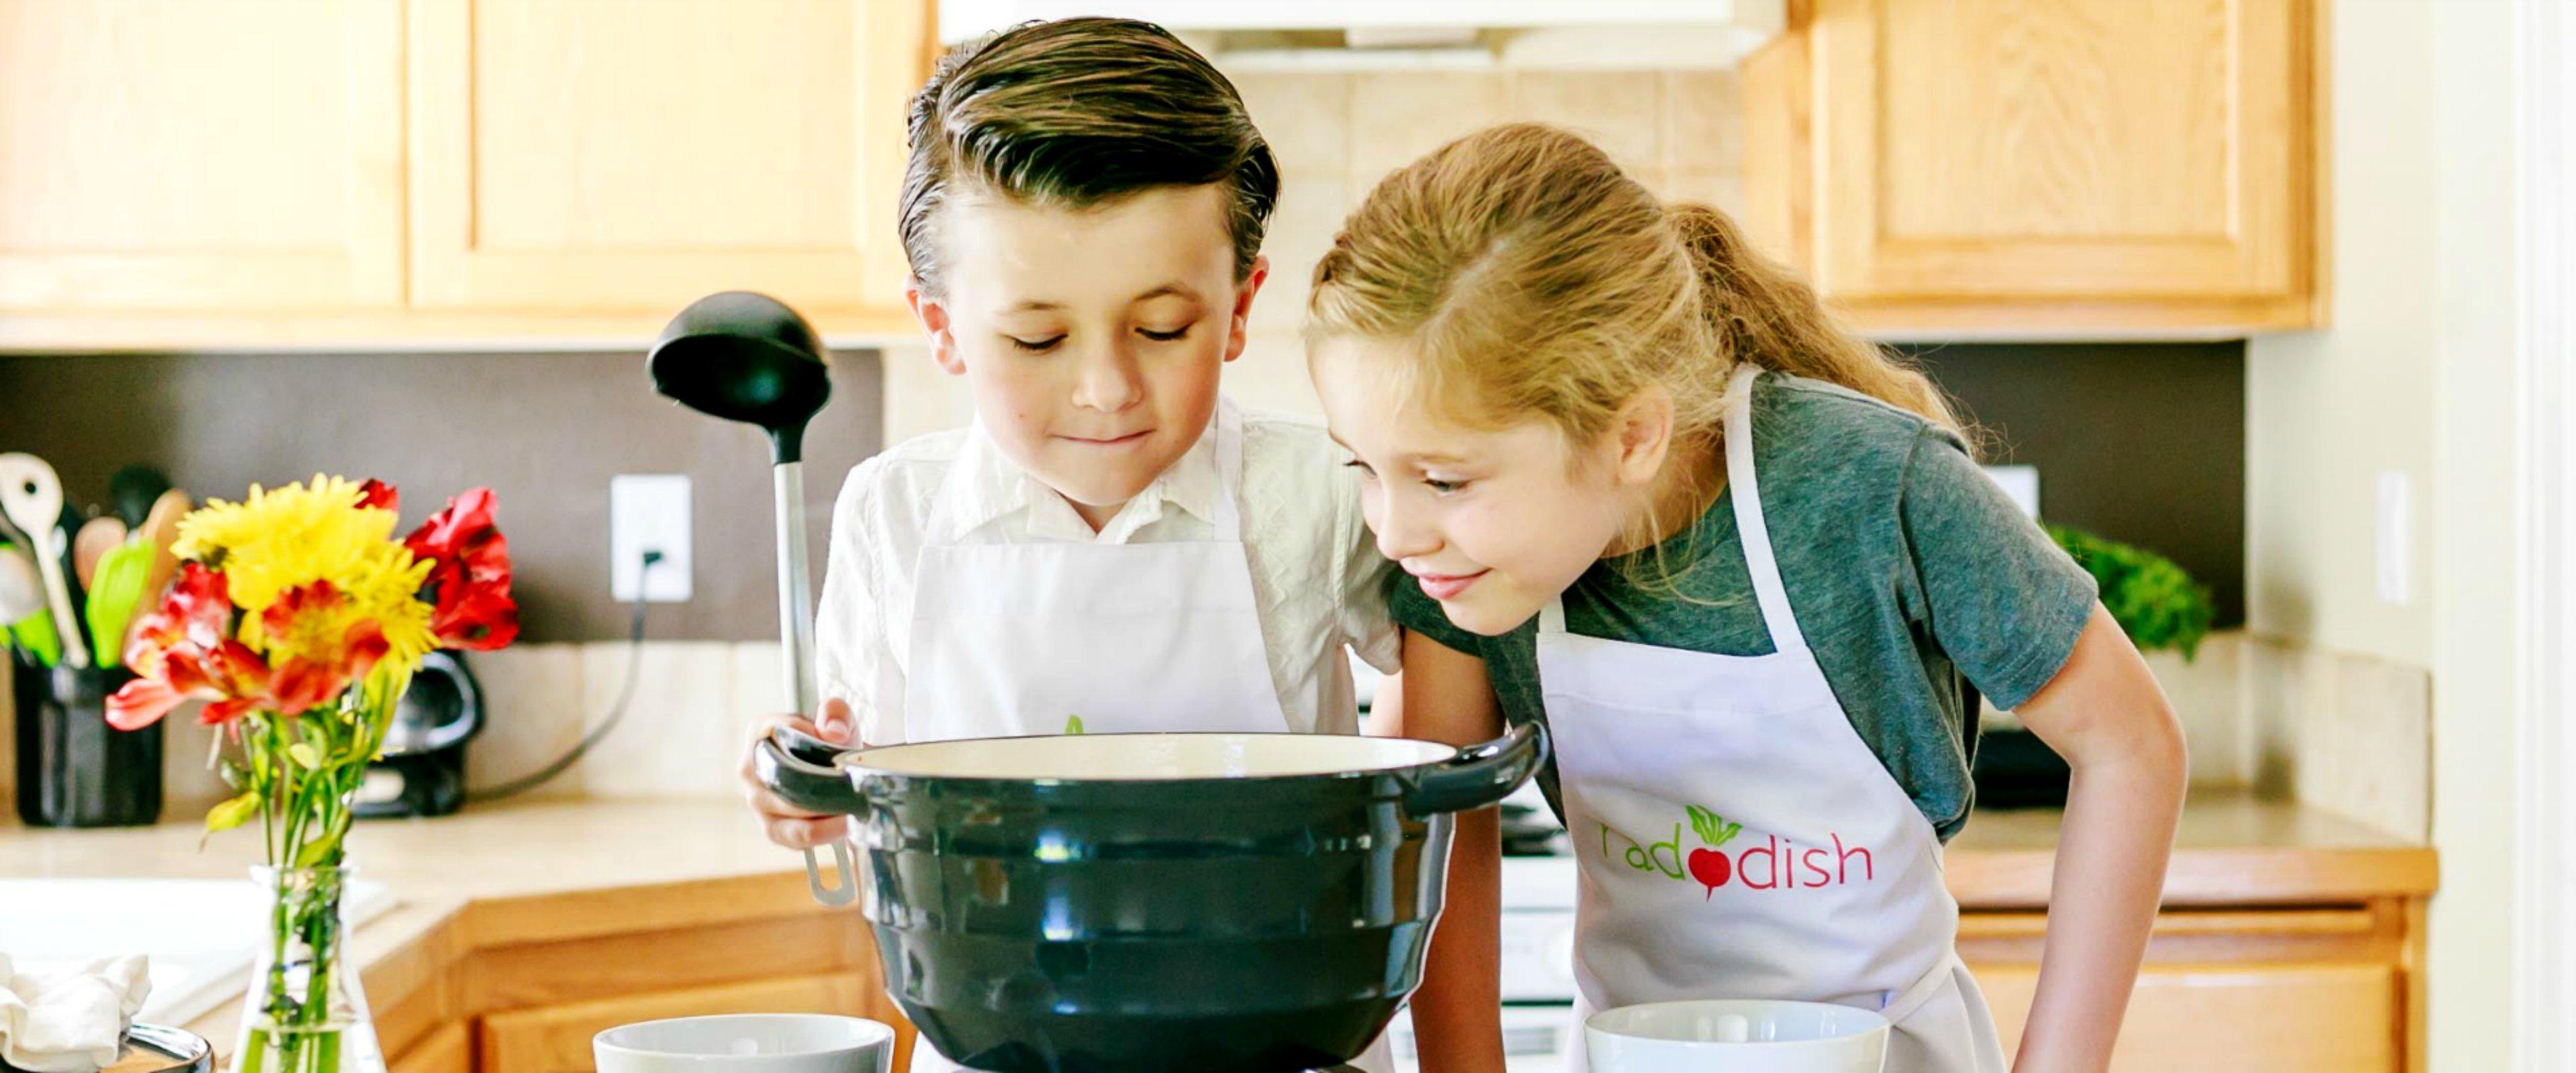 boygirl3 14f100d7 51ac 4a74 a14f 94ee7f894336 - Raddish : des cours de cuisine dans la boîte aux lettres de vos enfants